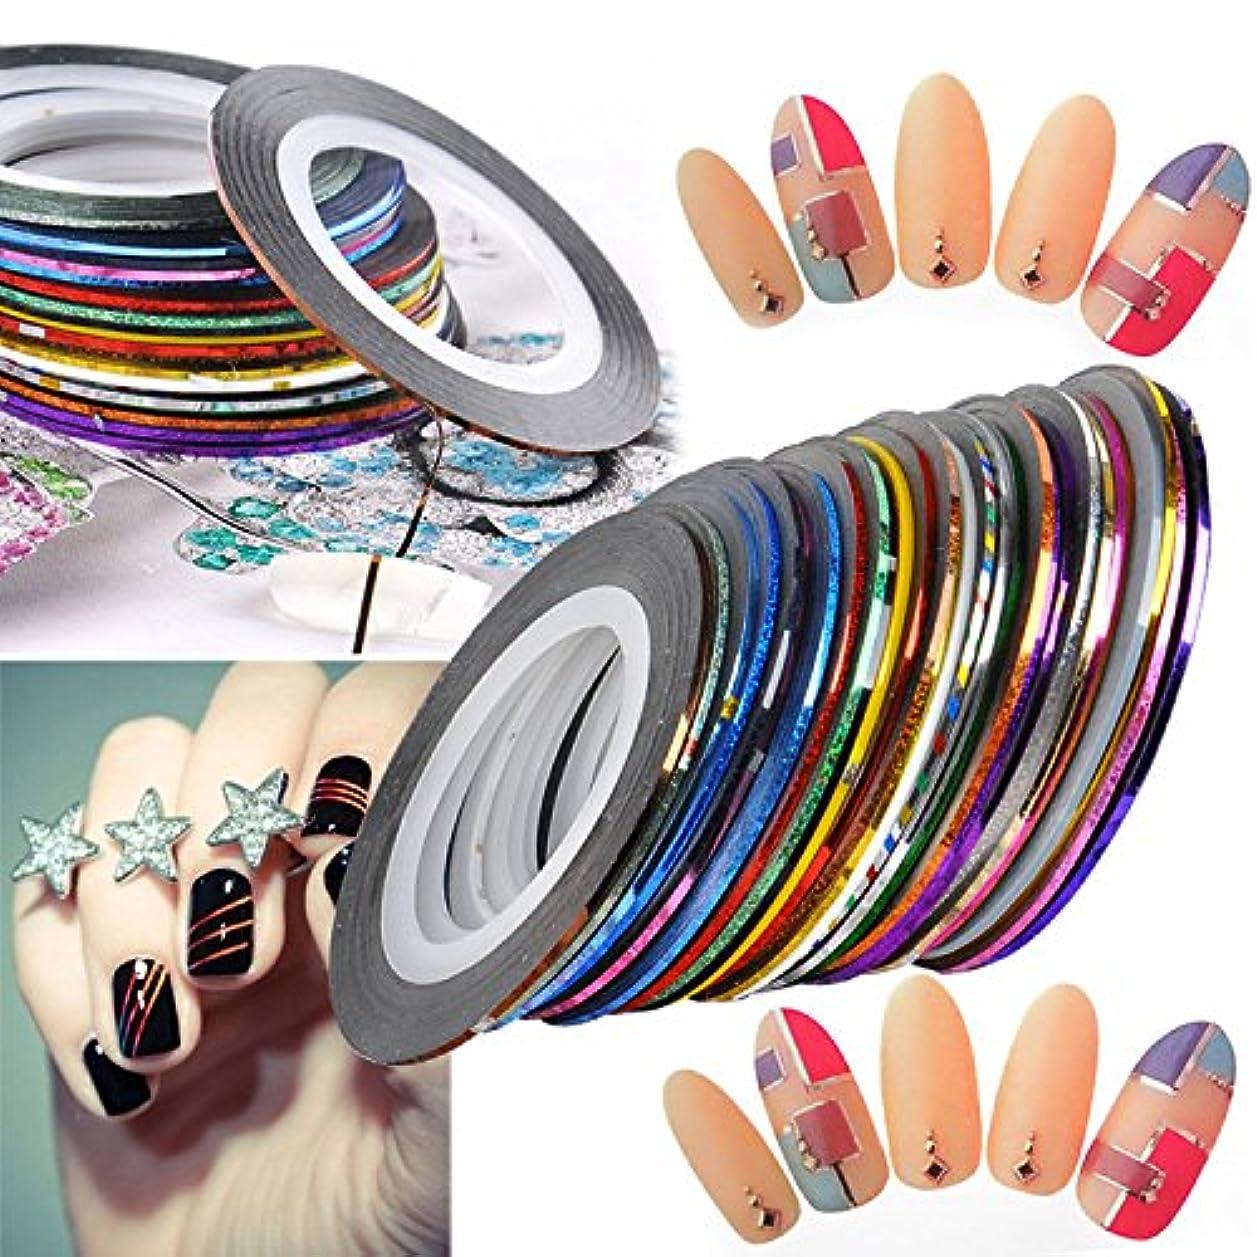 として器用水陸両用ネイルアート用 ラインテープ 爪 飾り用品 カラフル 綺麗 ラインアートテープ 30種セット